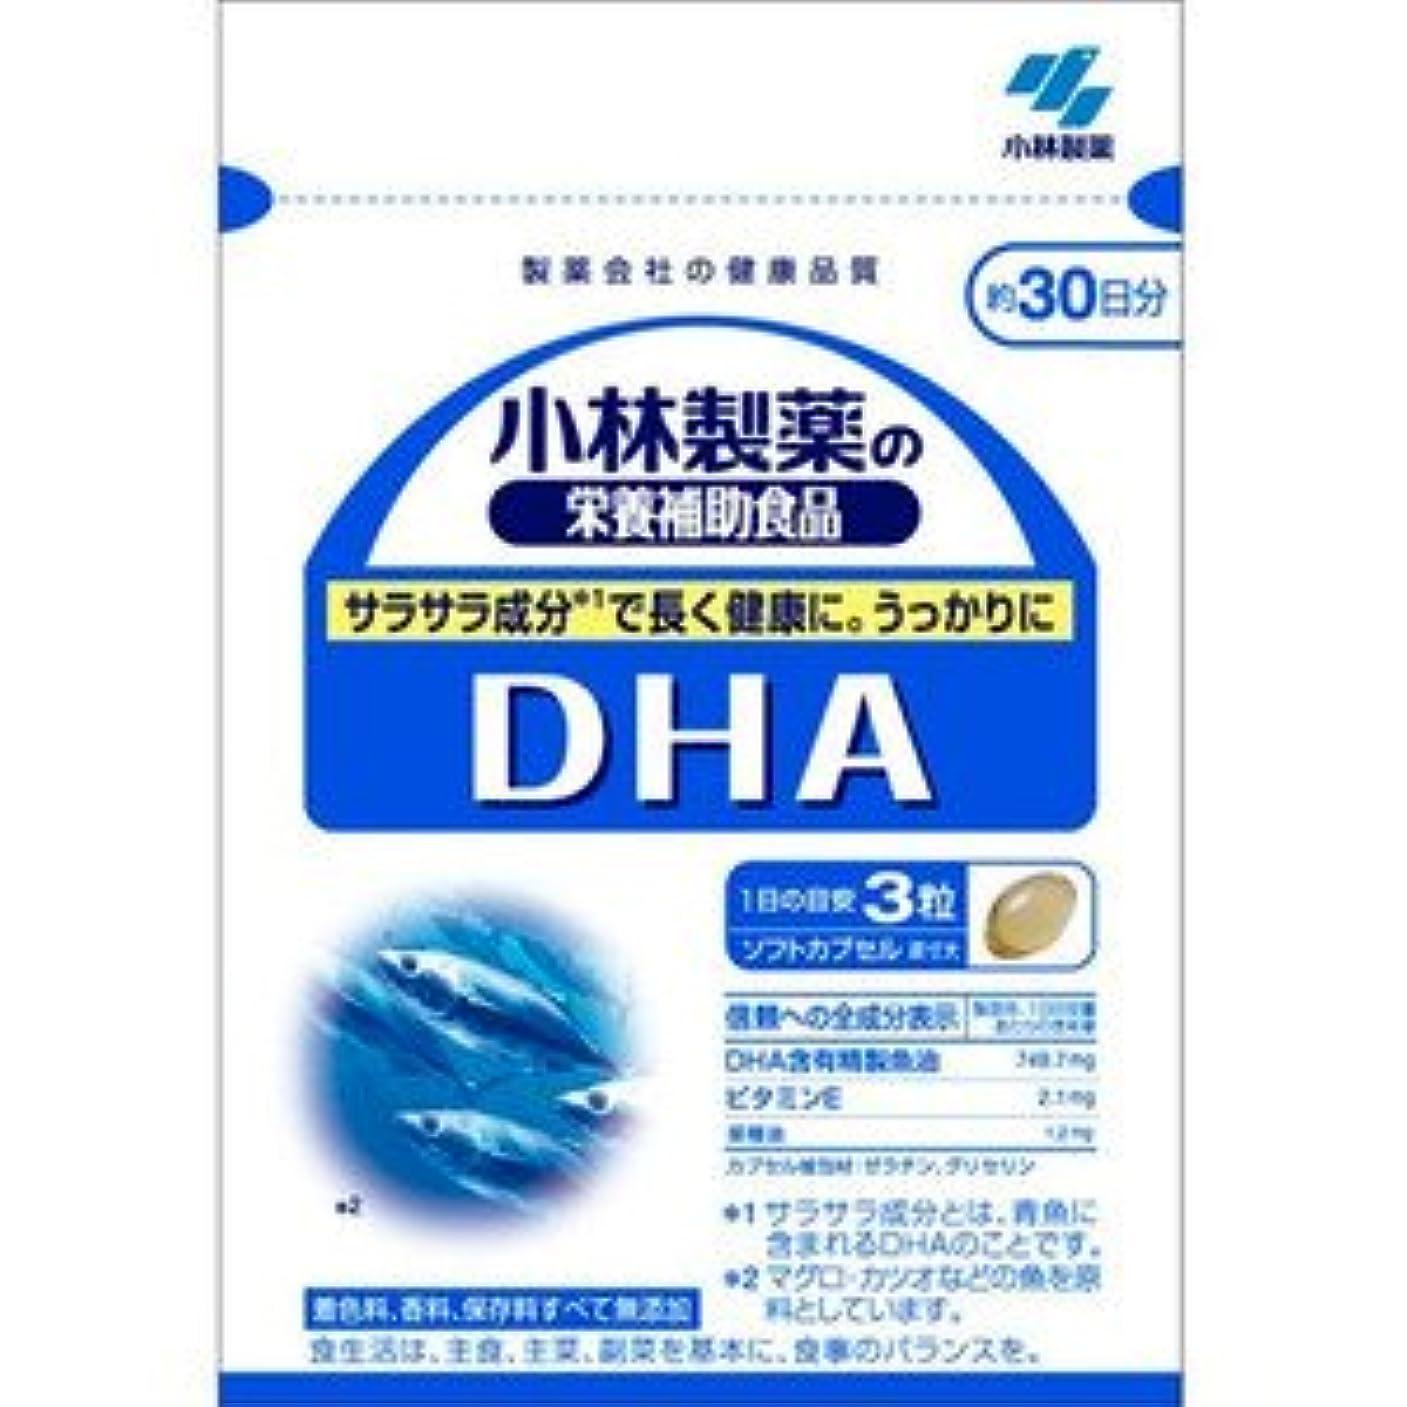 テスピアン手錠欠如【小林製薬】DHA 90粒(お買い得3個セット)